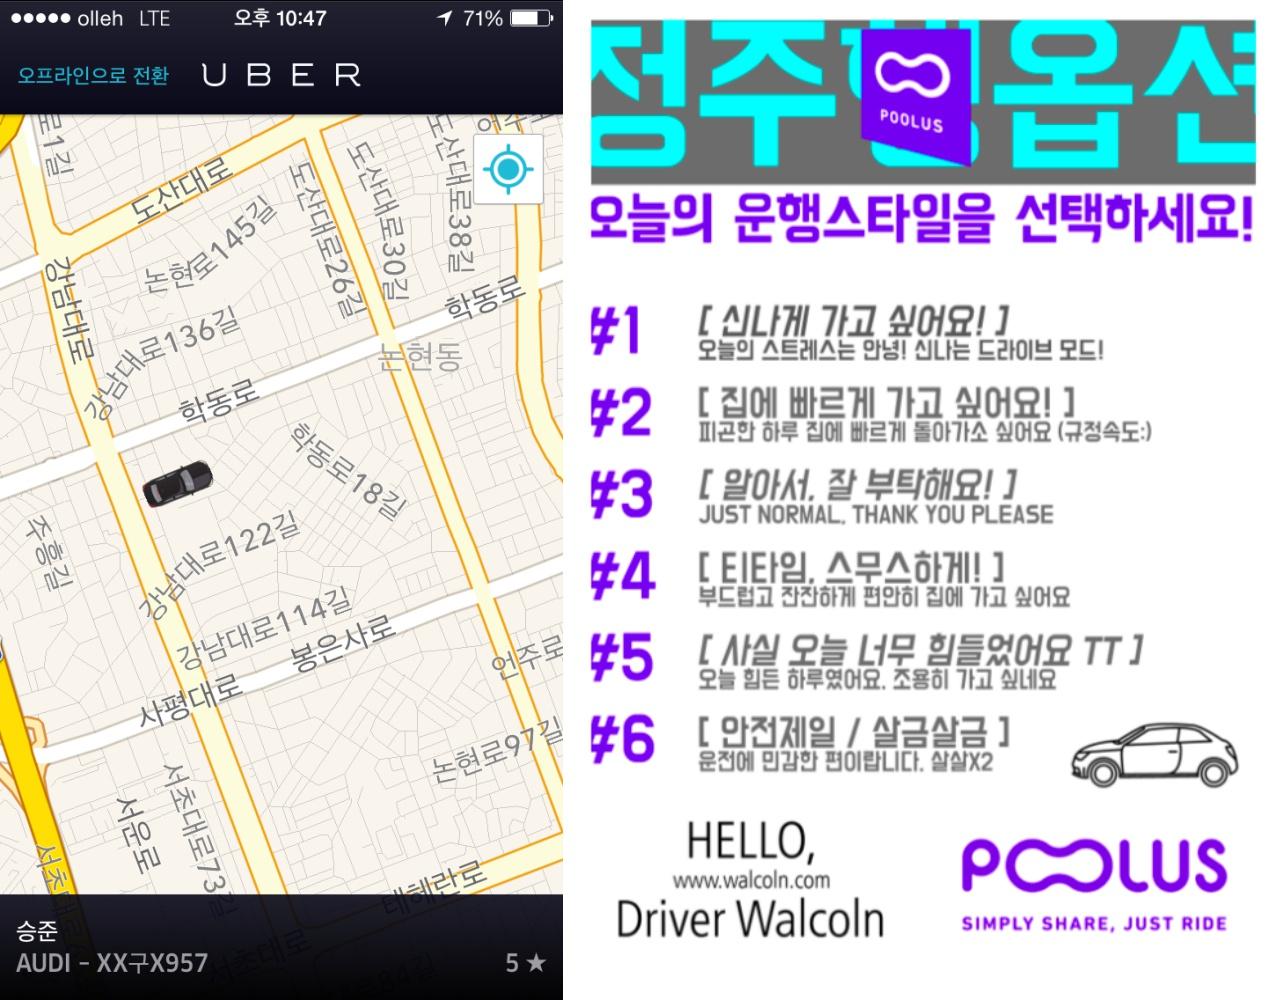 MaaS 비즈니스를 이해하기 위한 방법으로 2015년에는 우버엑스(Uber X), 2017년에는 풀러스와 럭시 플랫폼에 서비스 공급자(드라이버)로 참여했다. 승객(라이더)이 편안한 여정을 즐길 방법을 고민하다 6가지 주행패턴을 만들어 운행 전에 선택할 수 있도록 안내했다. ©이승준